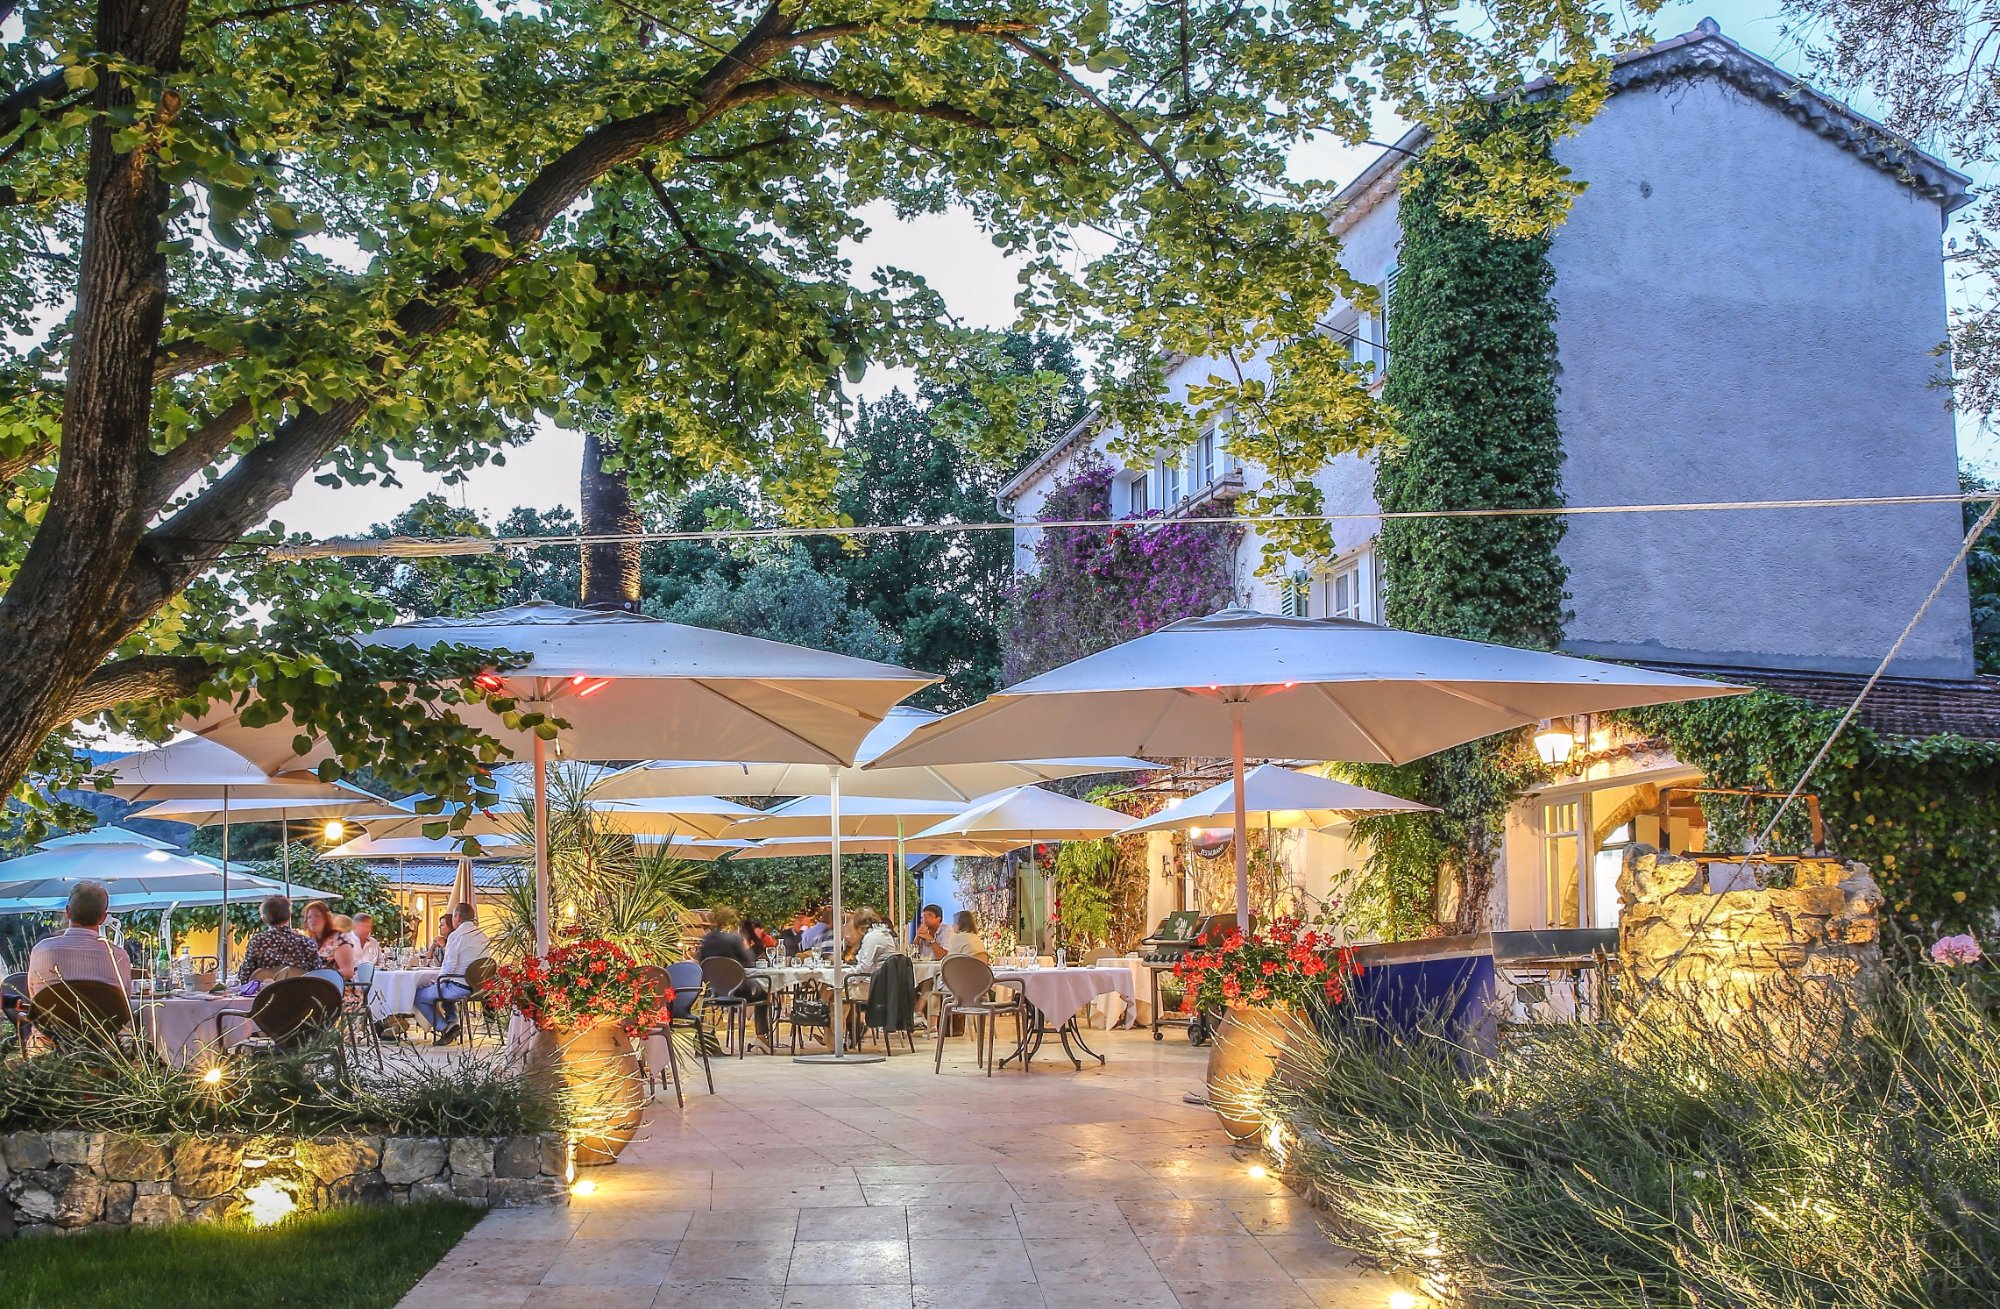 Le Mas des Geraniums Opio Restaurant Reviews Phone Number